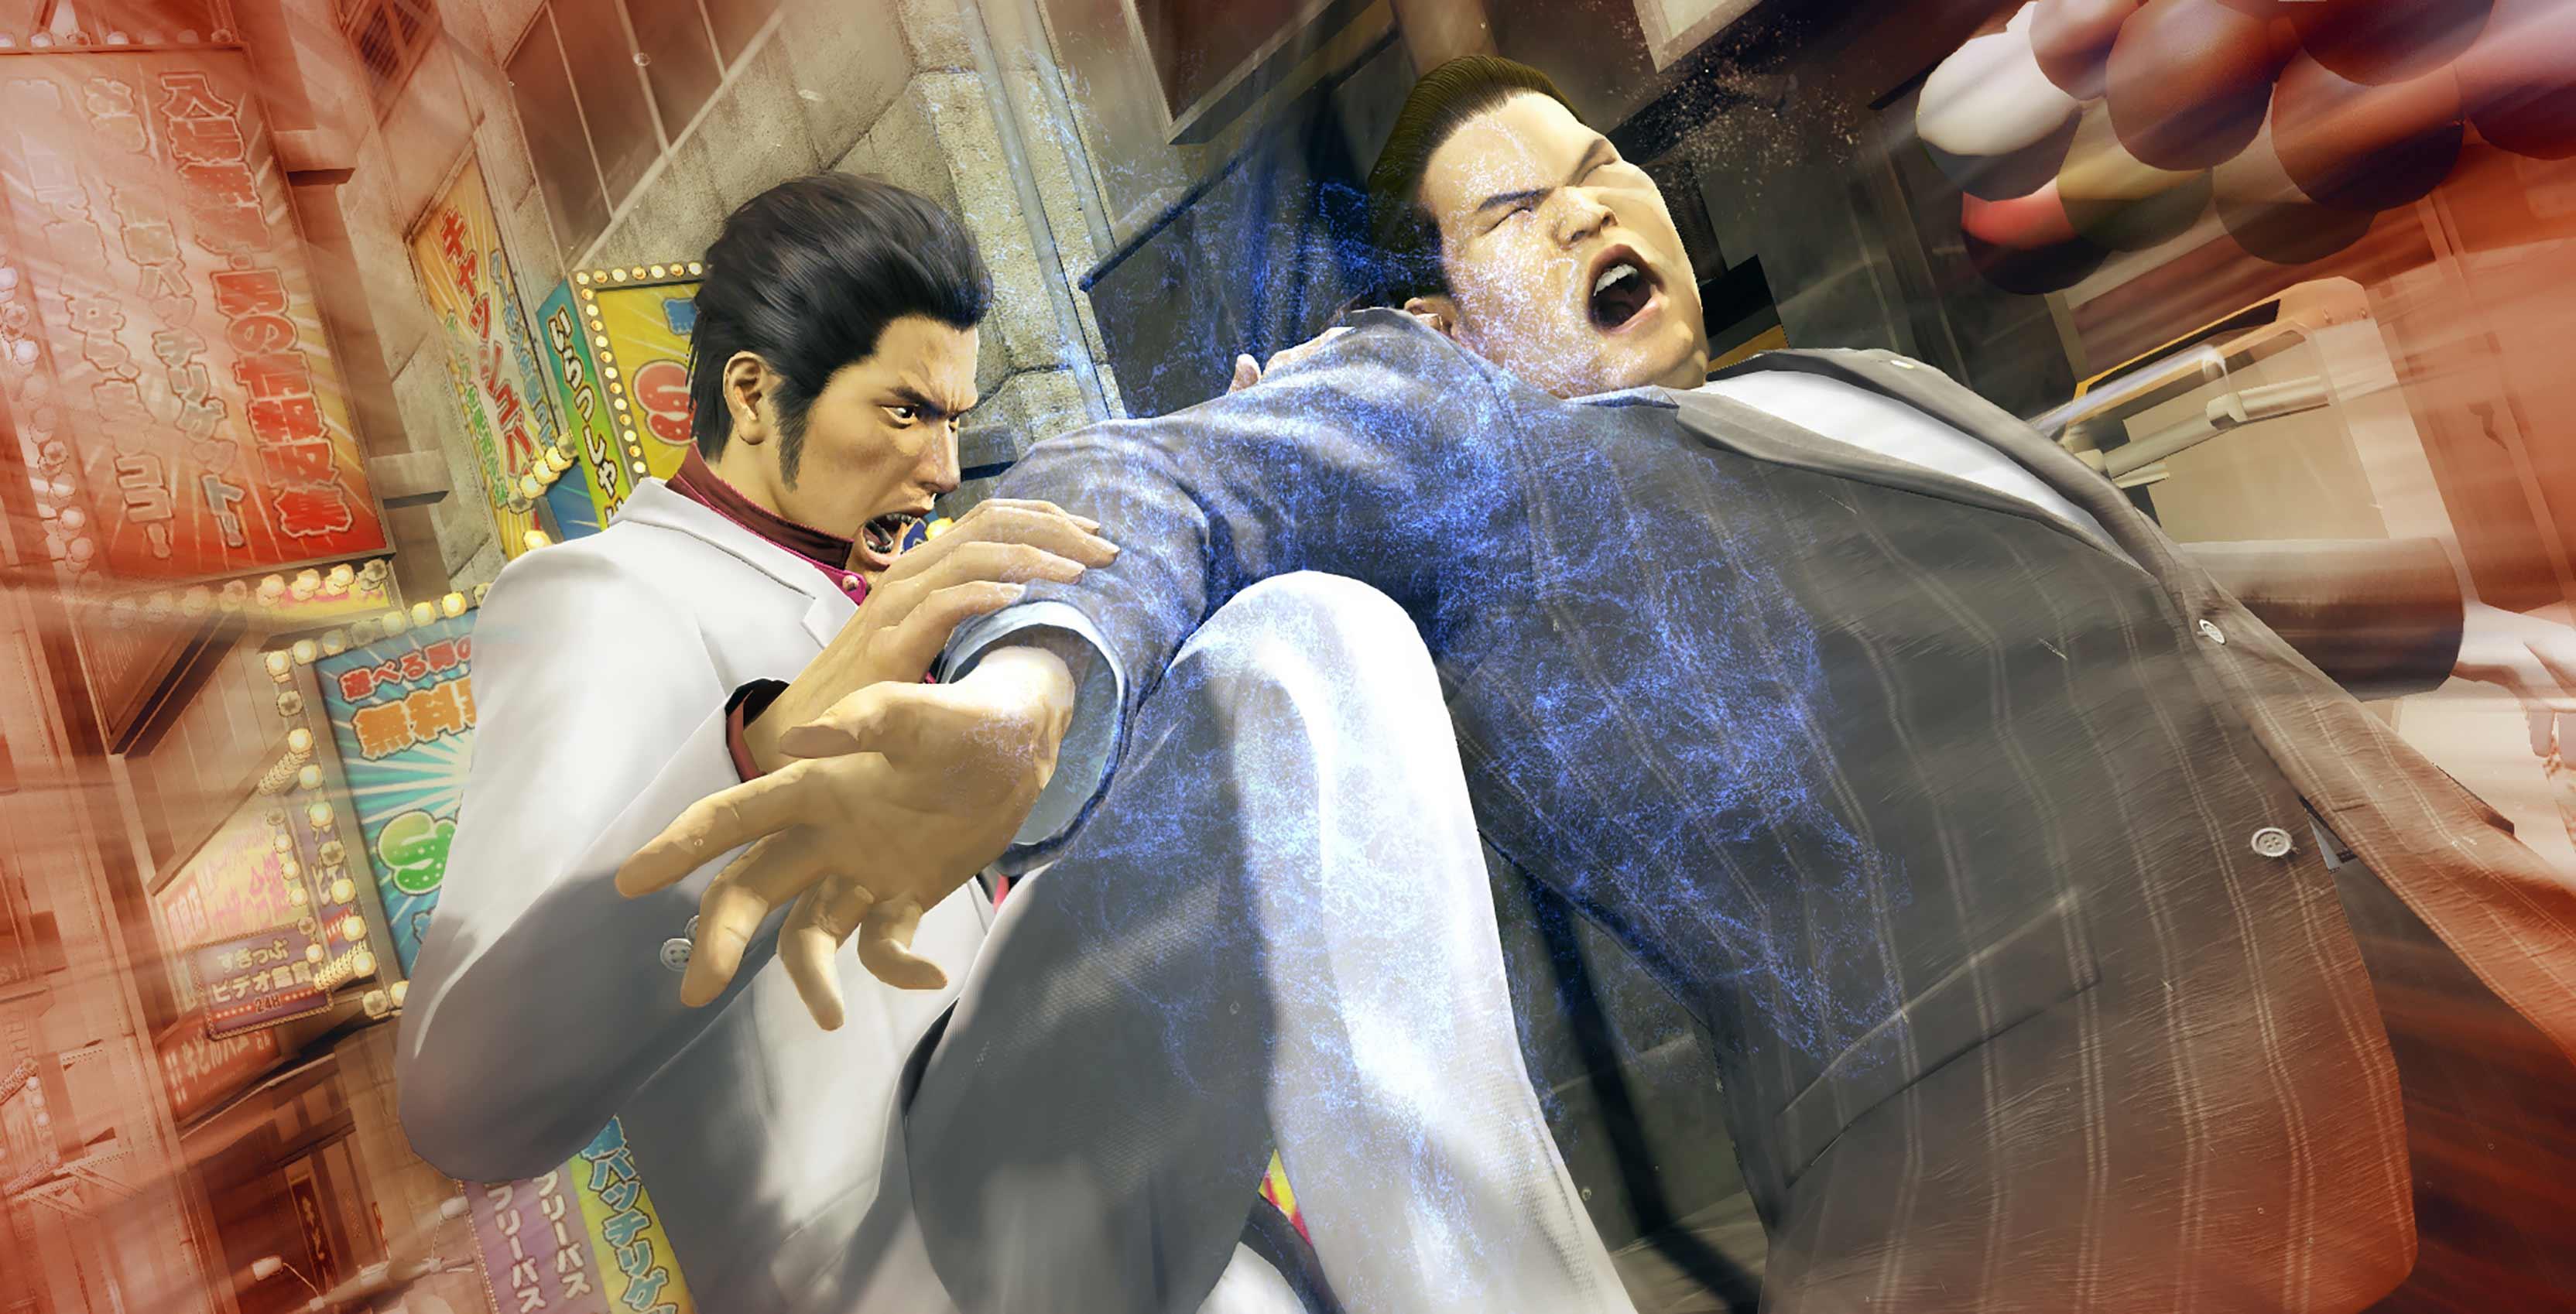 Yakuza Kiwami combat